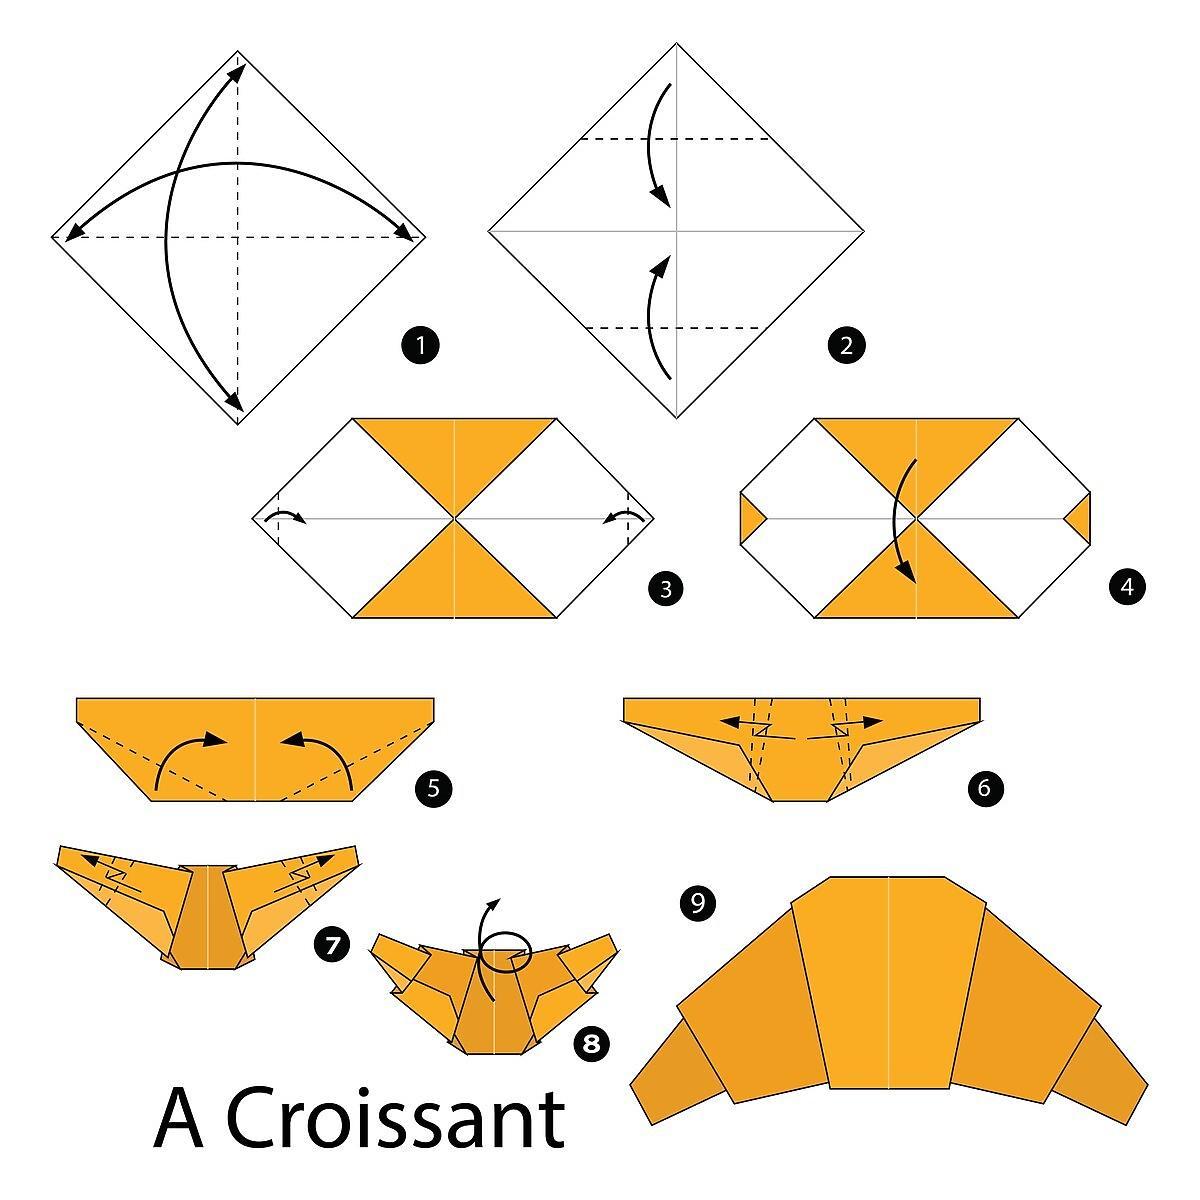 jak skleić rogaliki z francuskiego ciasta (croissanty krok po kroku)